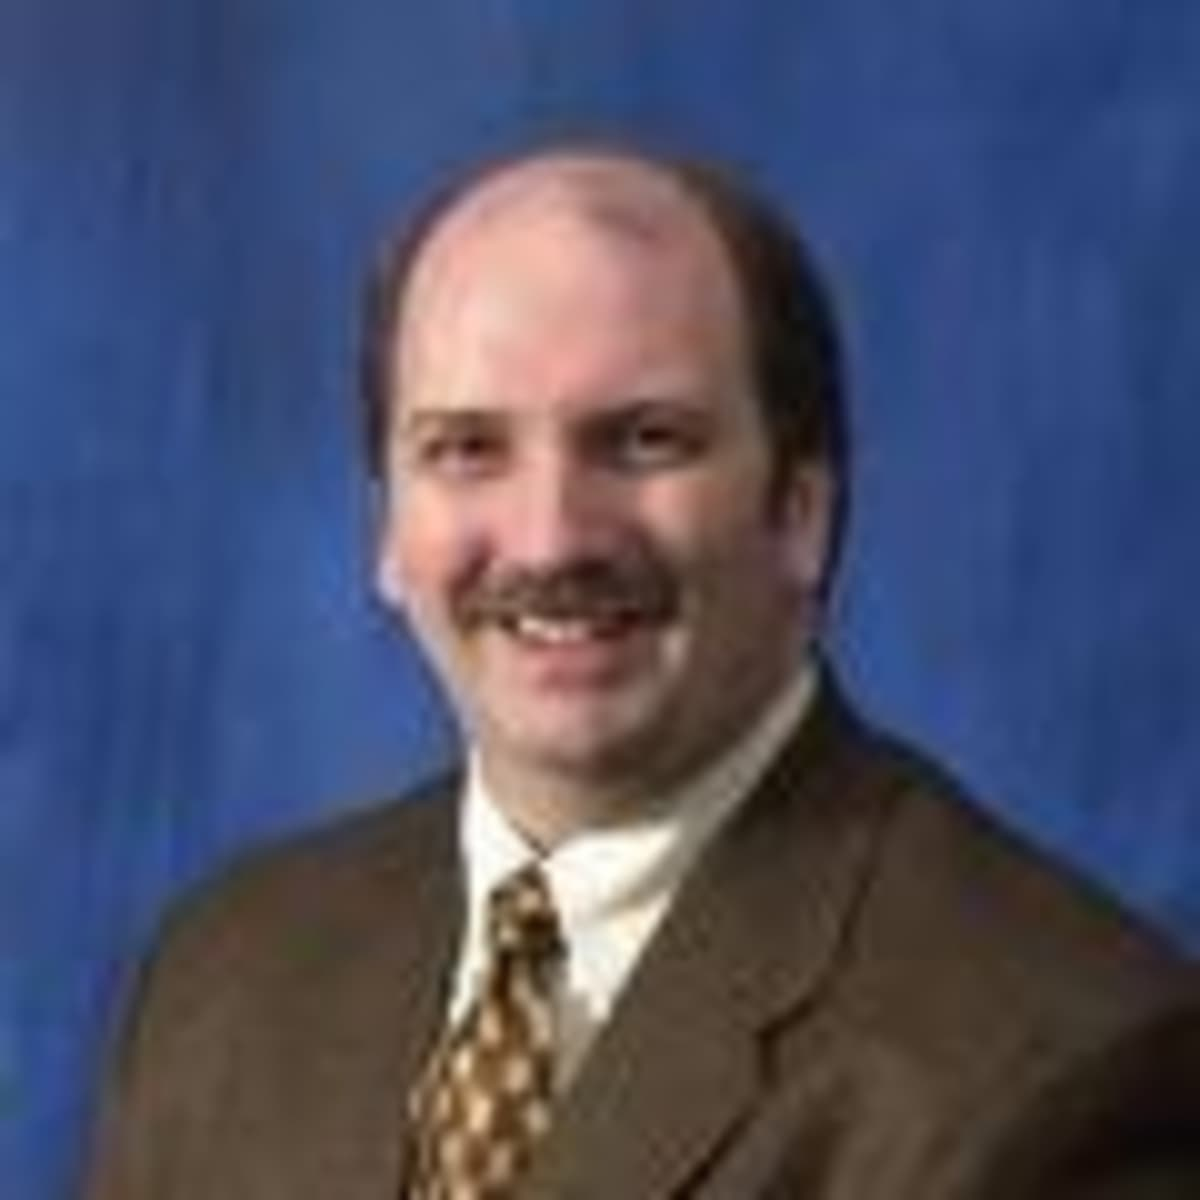 Video Dr Glen Franklin Md Louisville Ky Surgeon